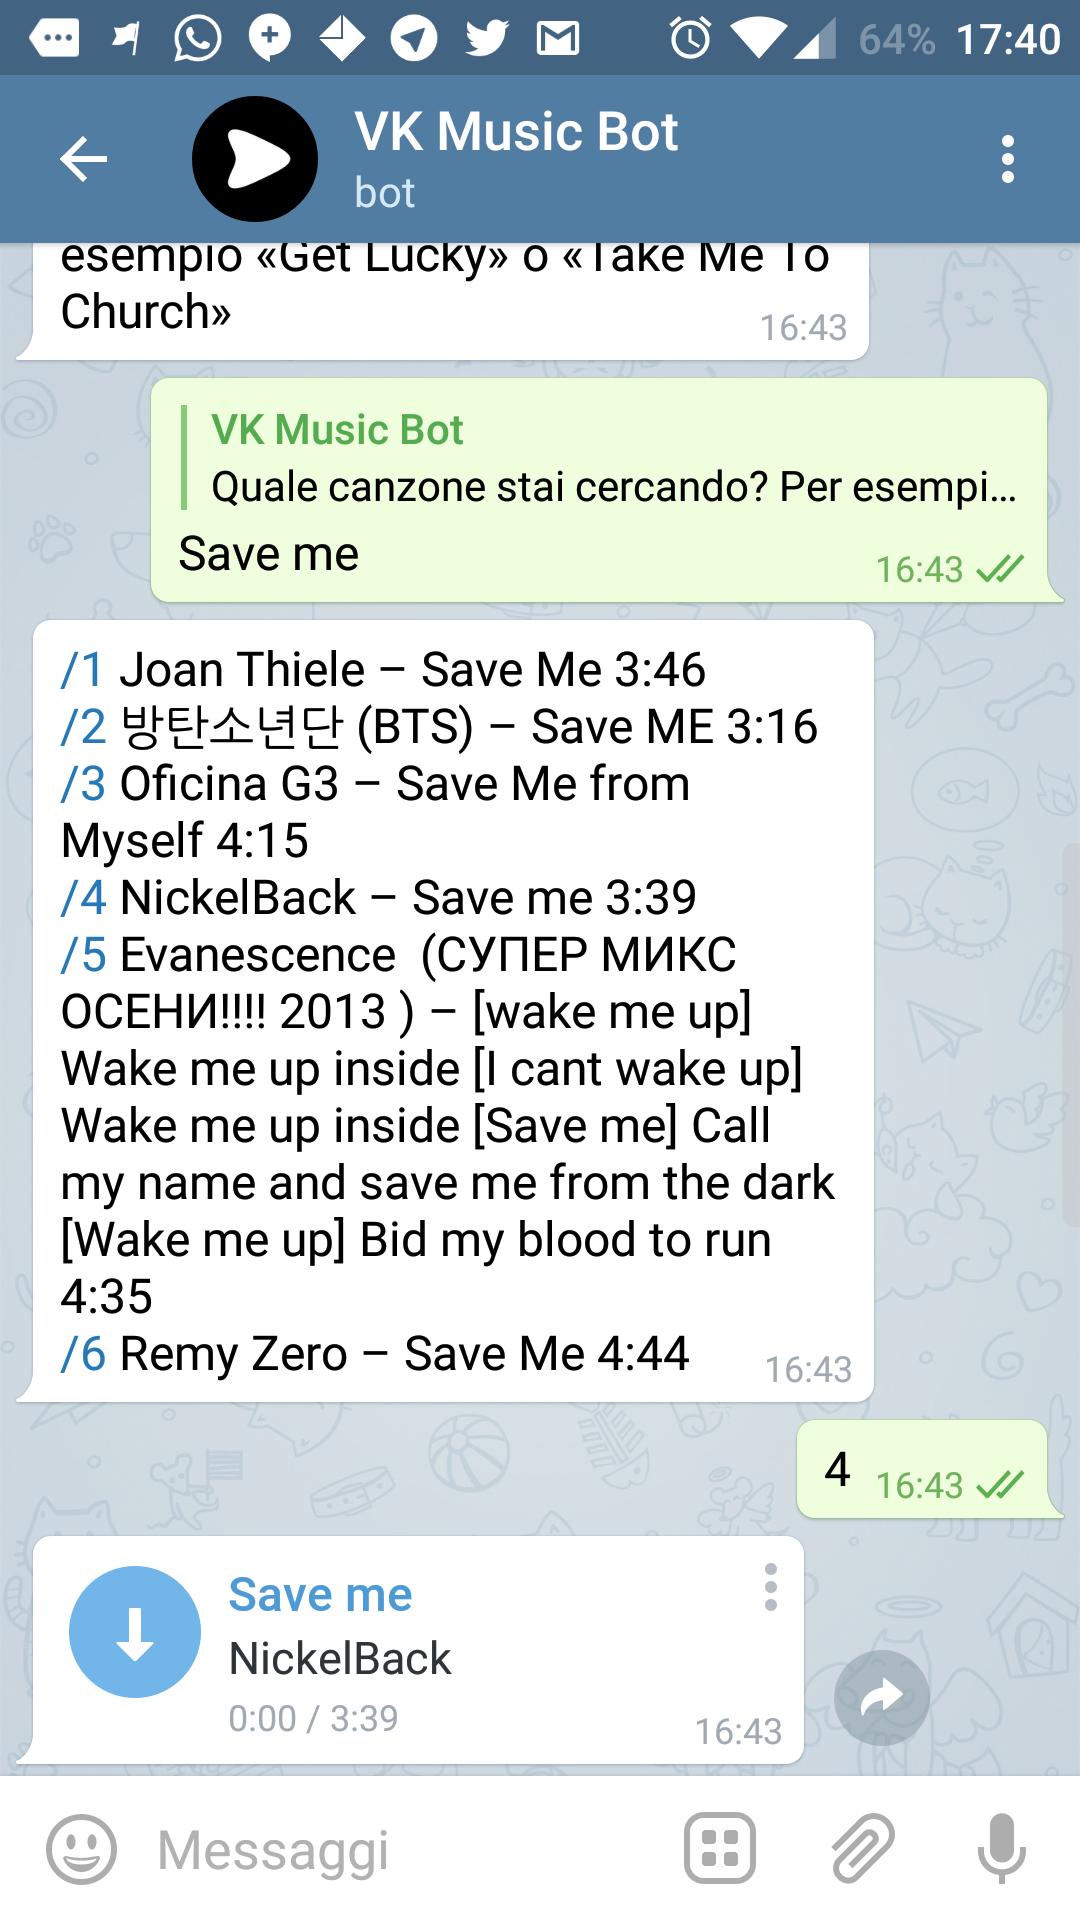 GIORNALI CON TELEGRAM SCARICA